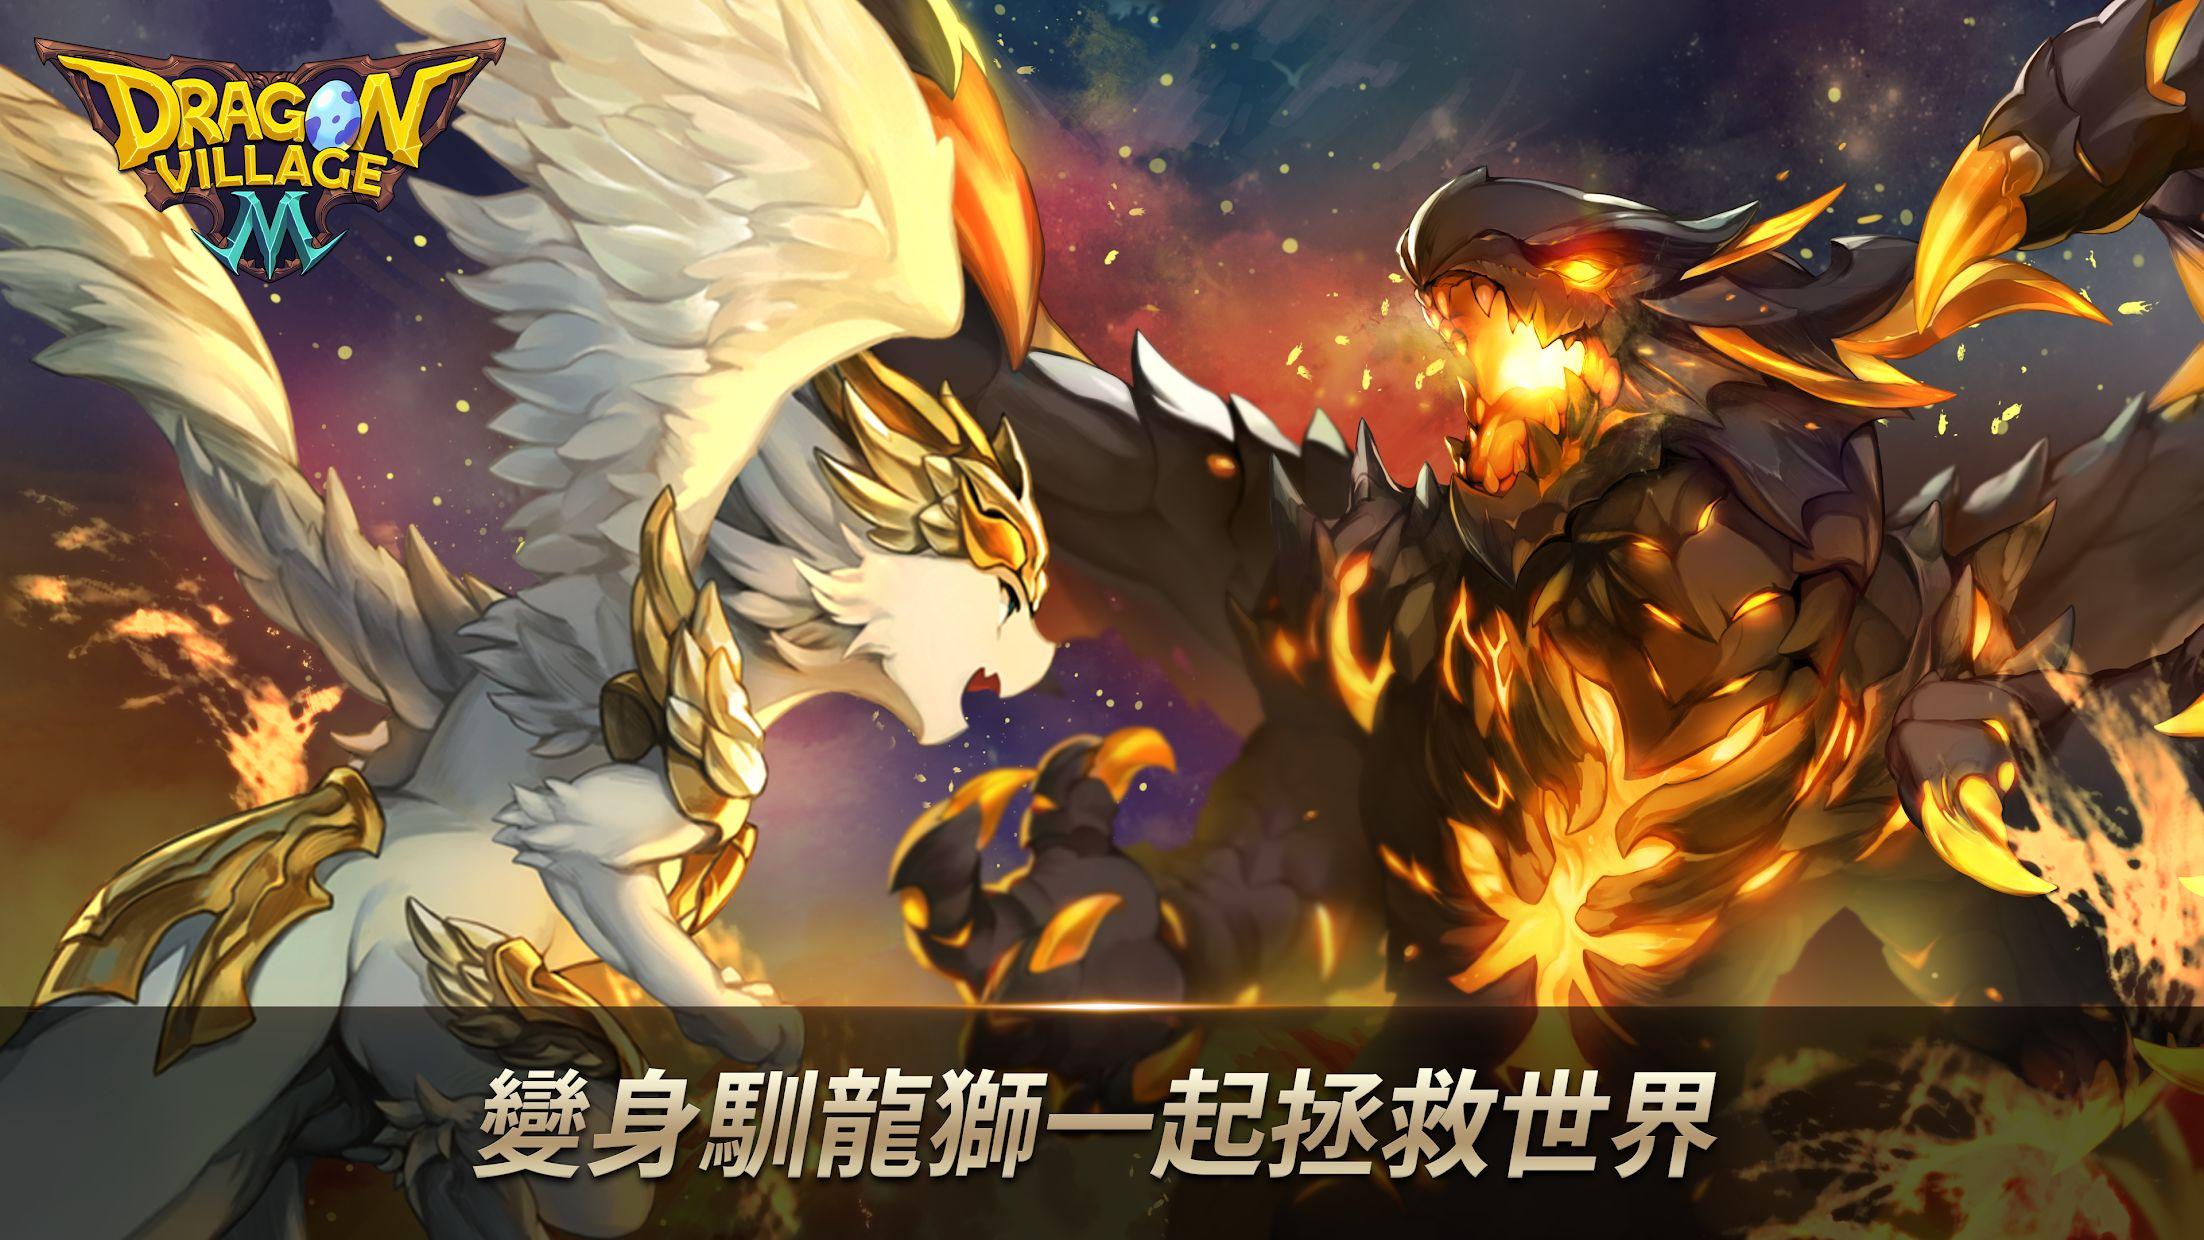 龙RPG - 龙村M 游戏截图2